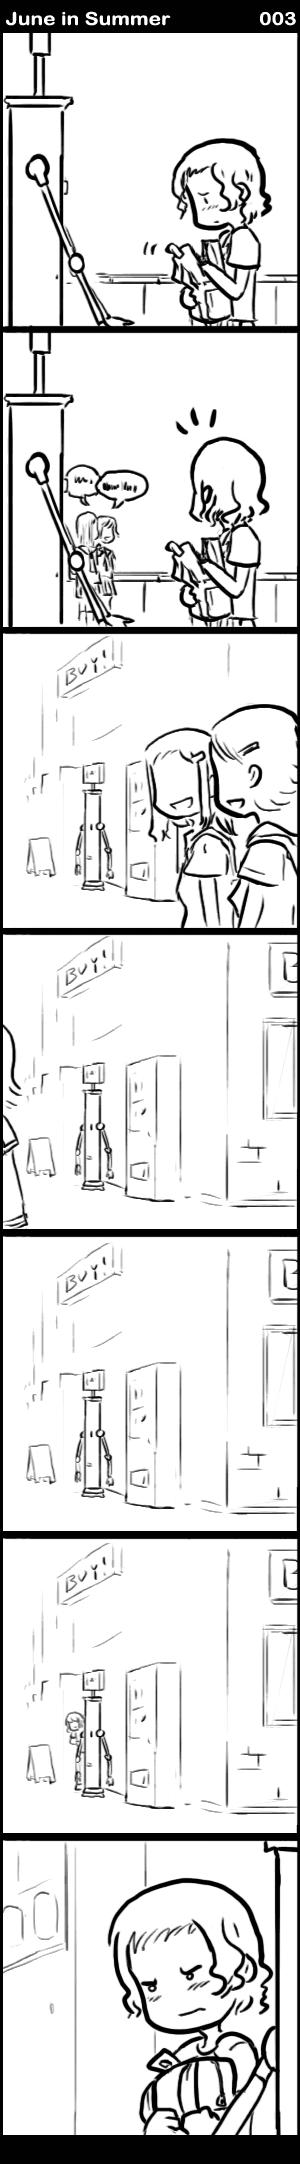 [June In... - strip 3]